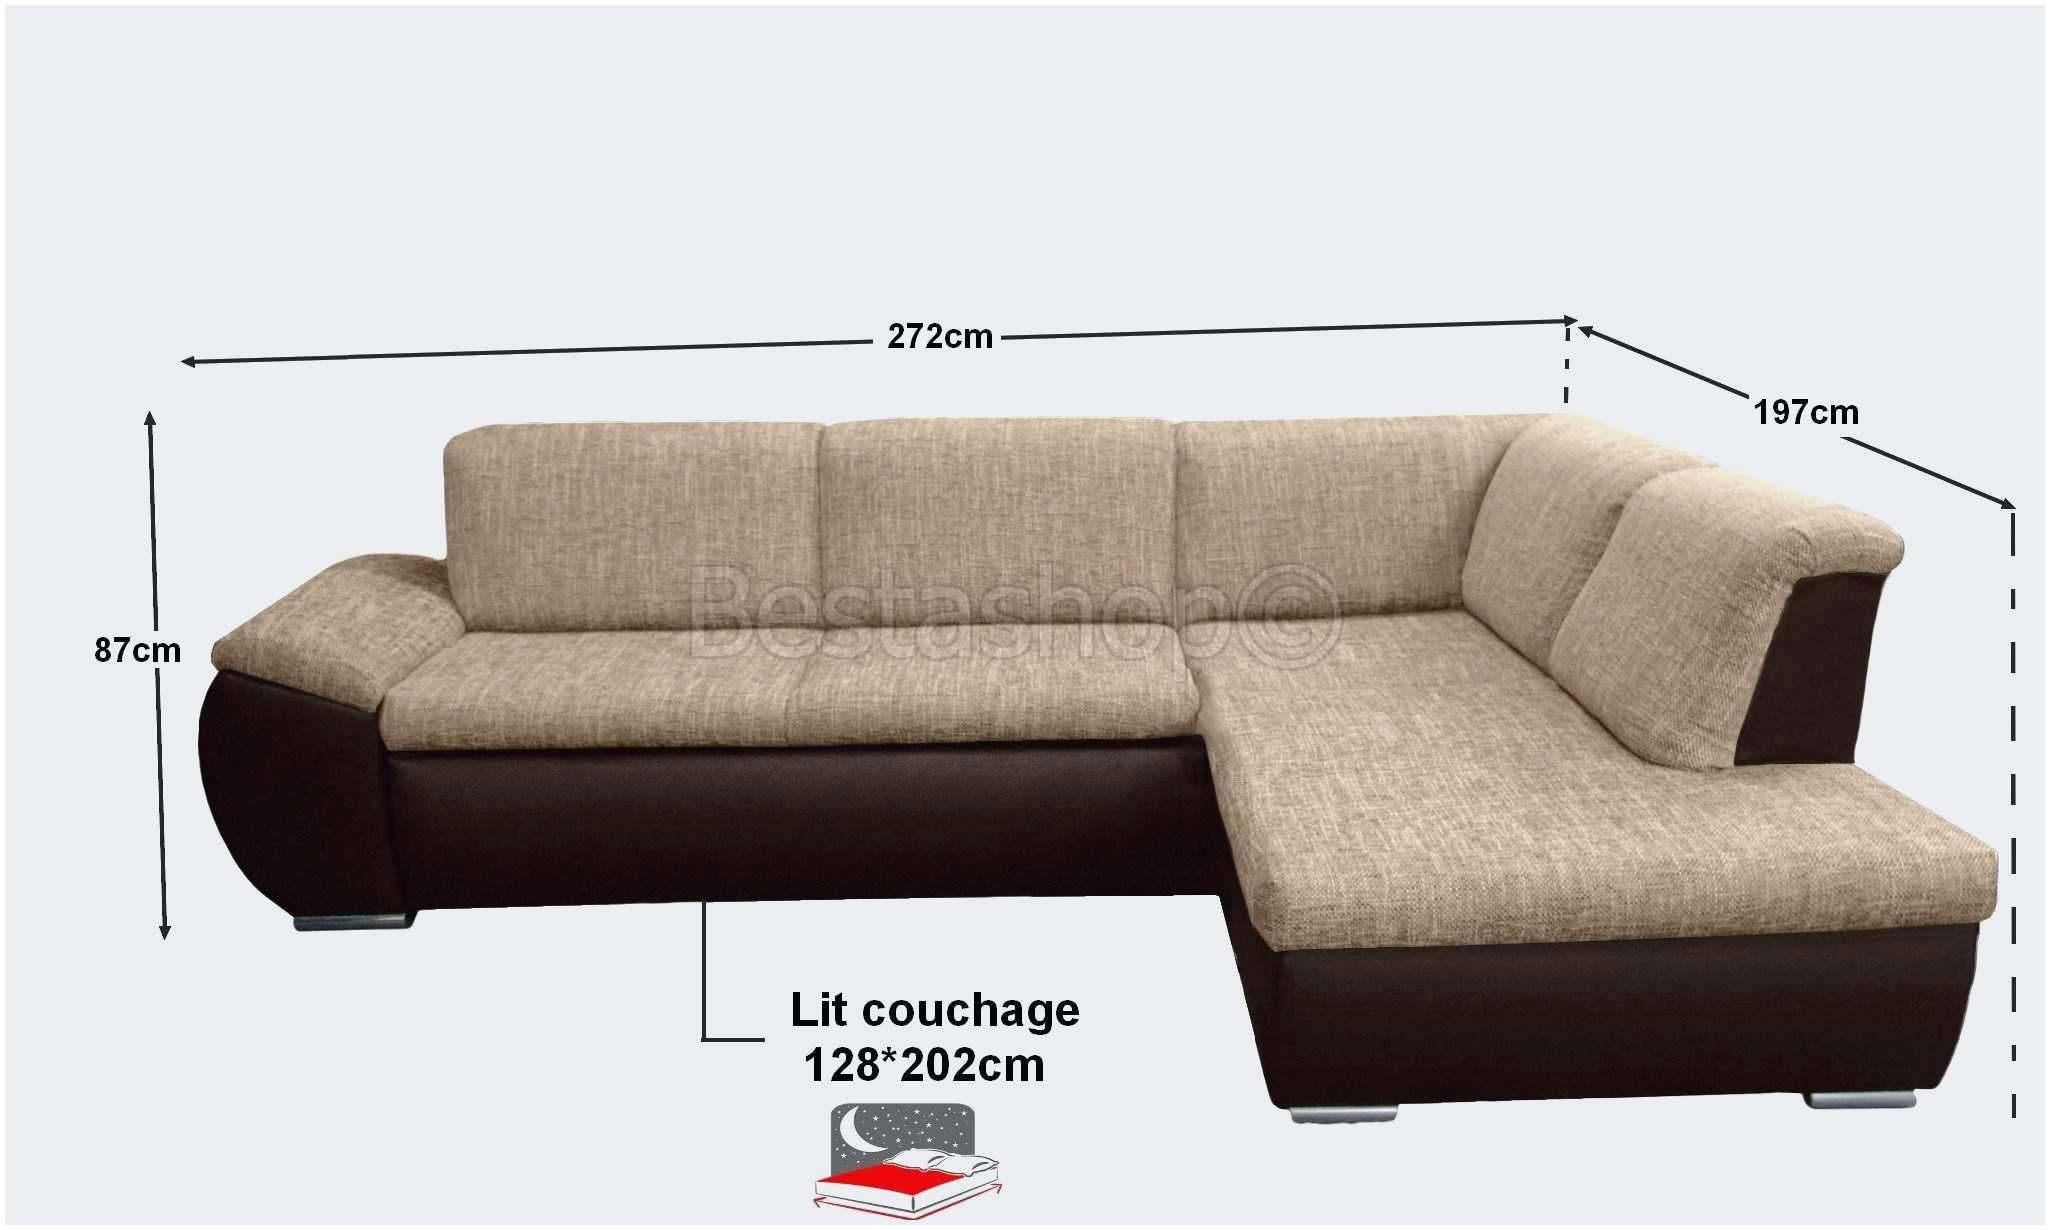 Canapé Lit Rouge Inspiré Elégant Canapé Angle Habitat Luxe S Canap Simili Cuir Marron 27 C3